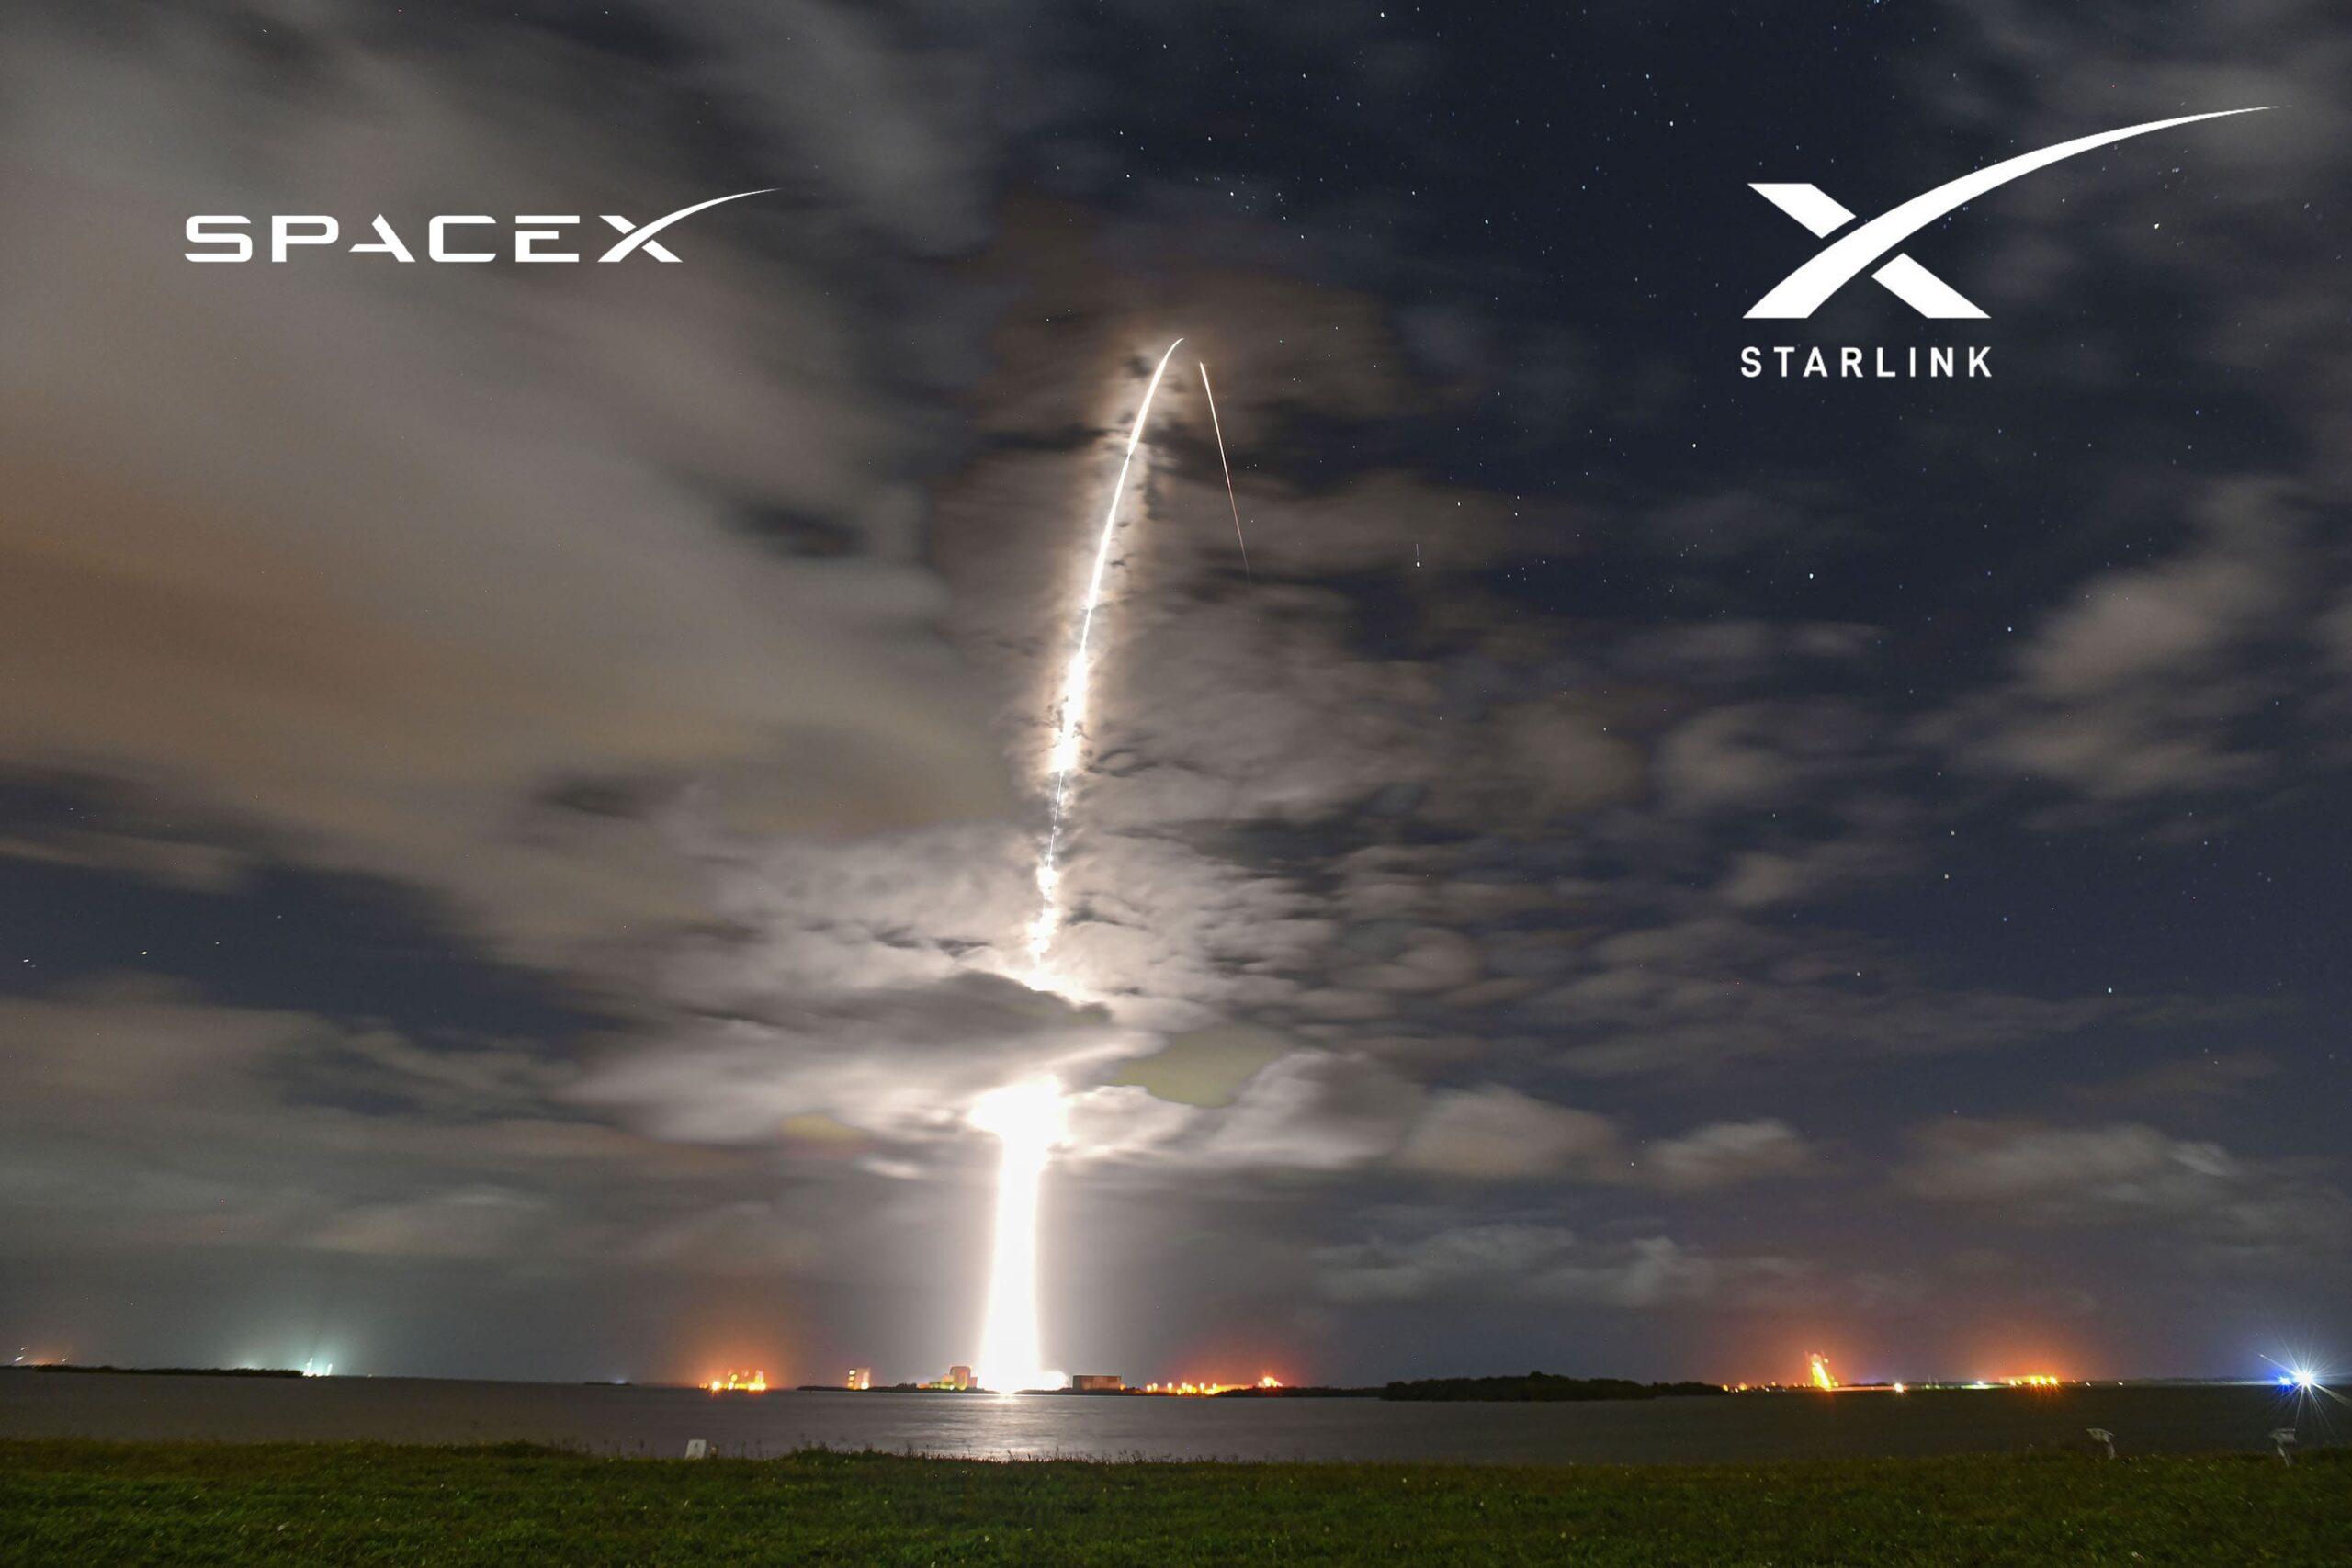 Falcon 9 launches Starlink